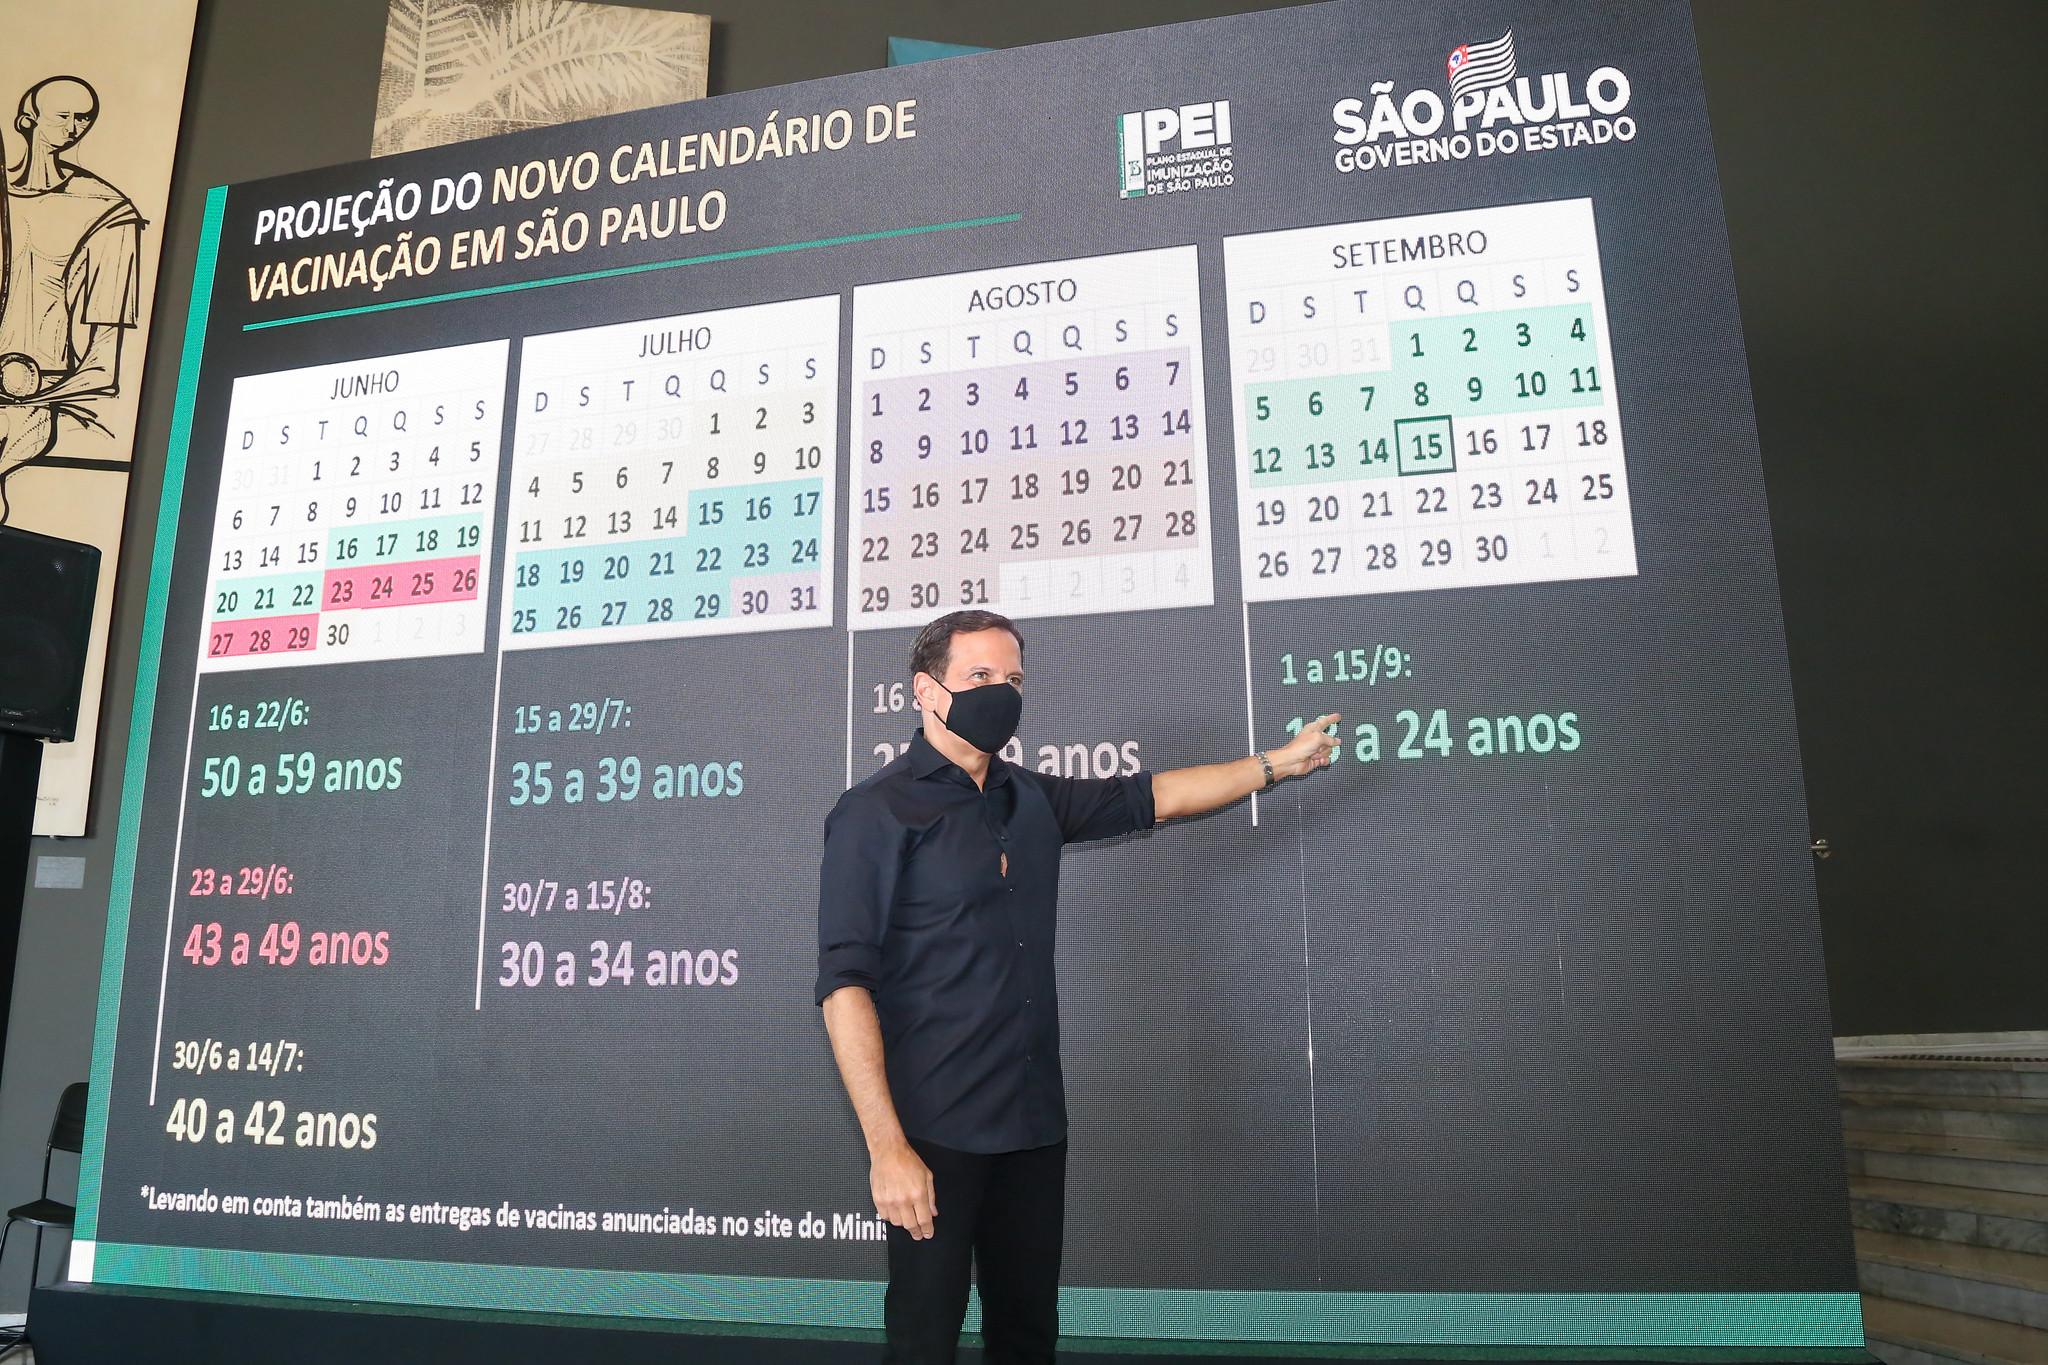 IMAGEM: Doria antecipa calendário de vacinação mesmo sem previsão de mais doses